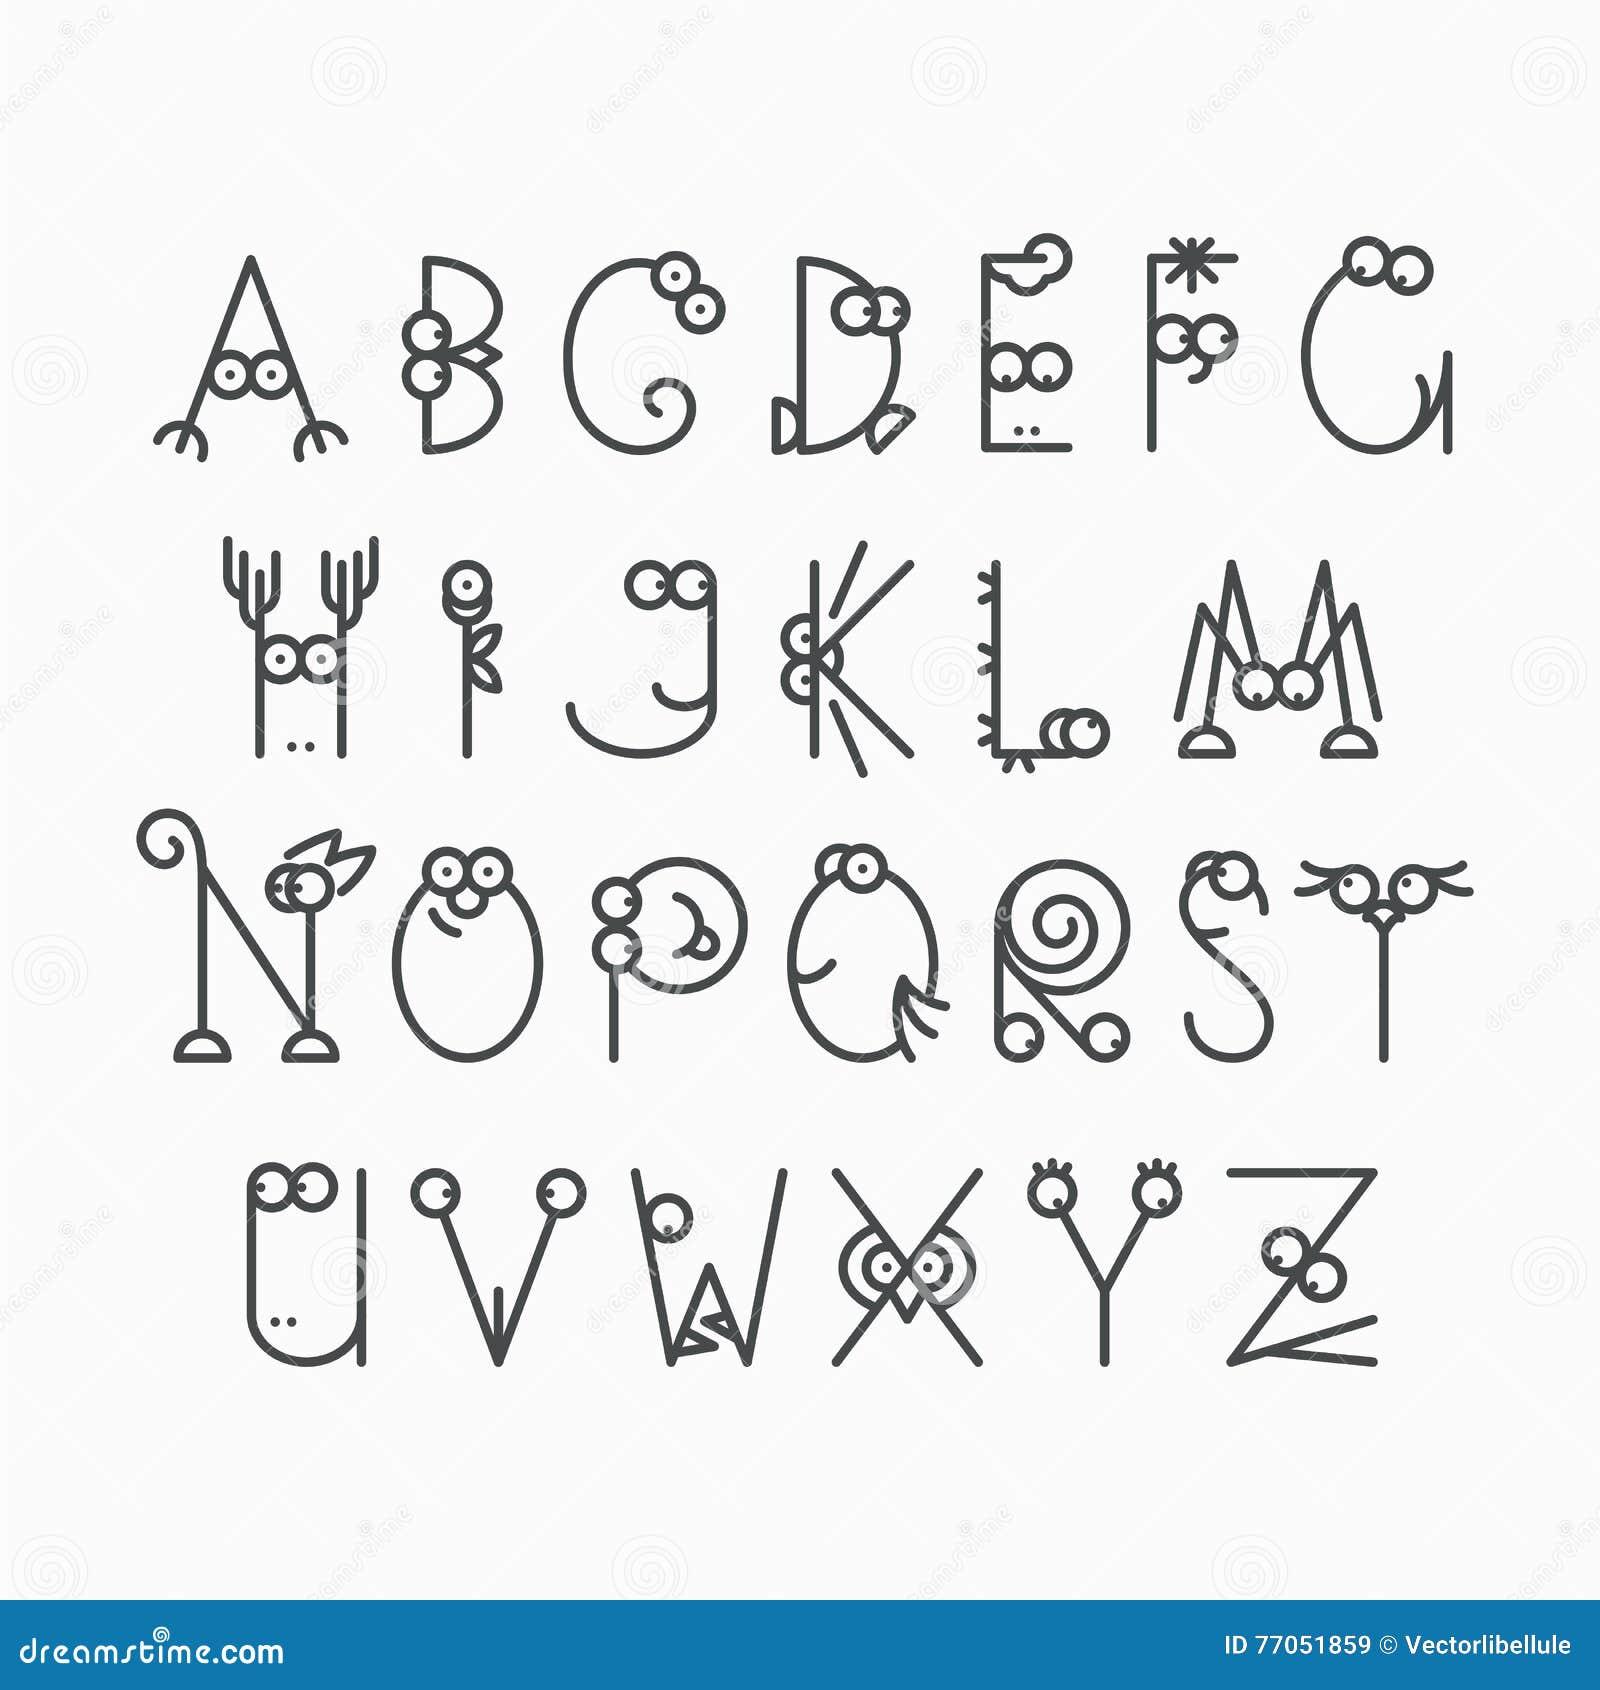 malvorlagen xl font  28 images  brushpen alphabet modern